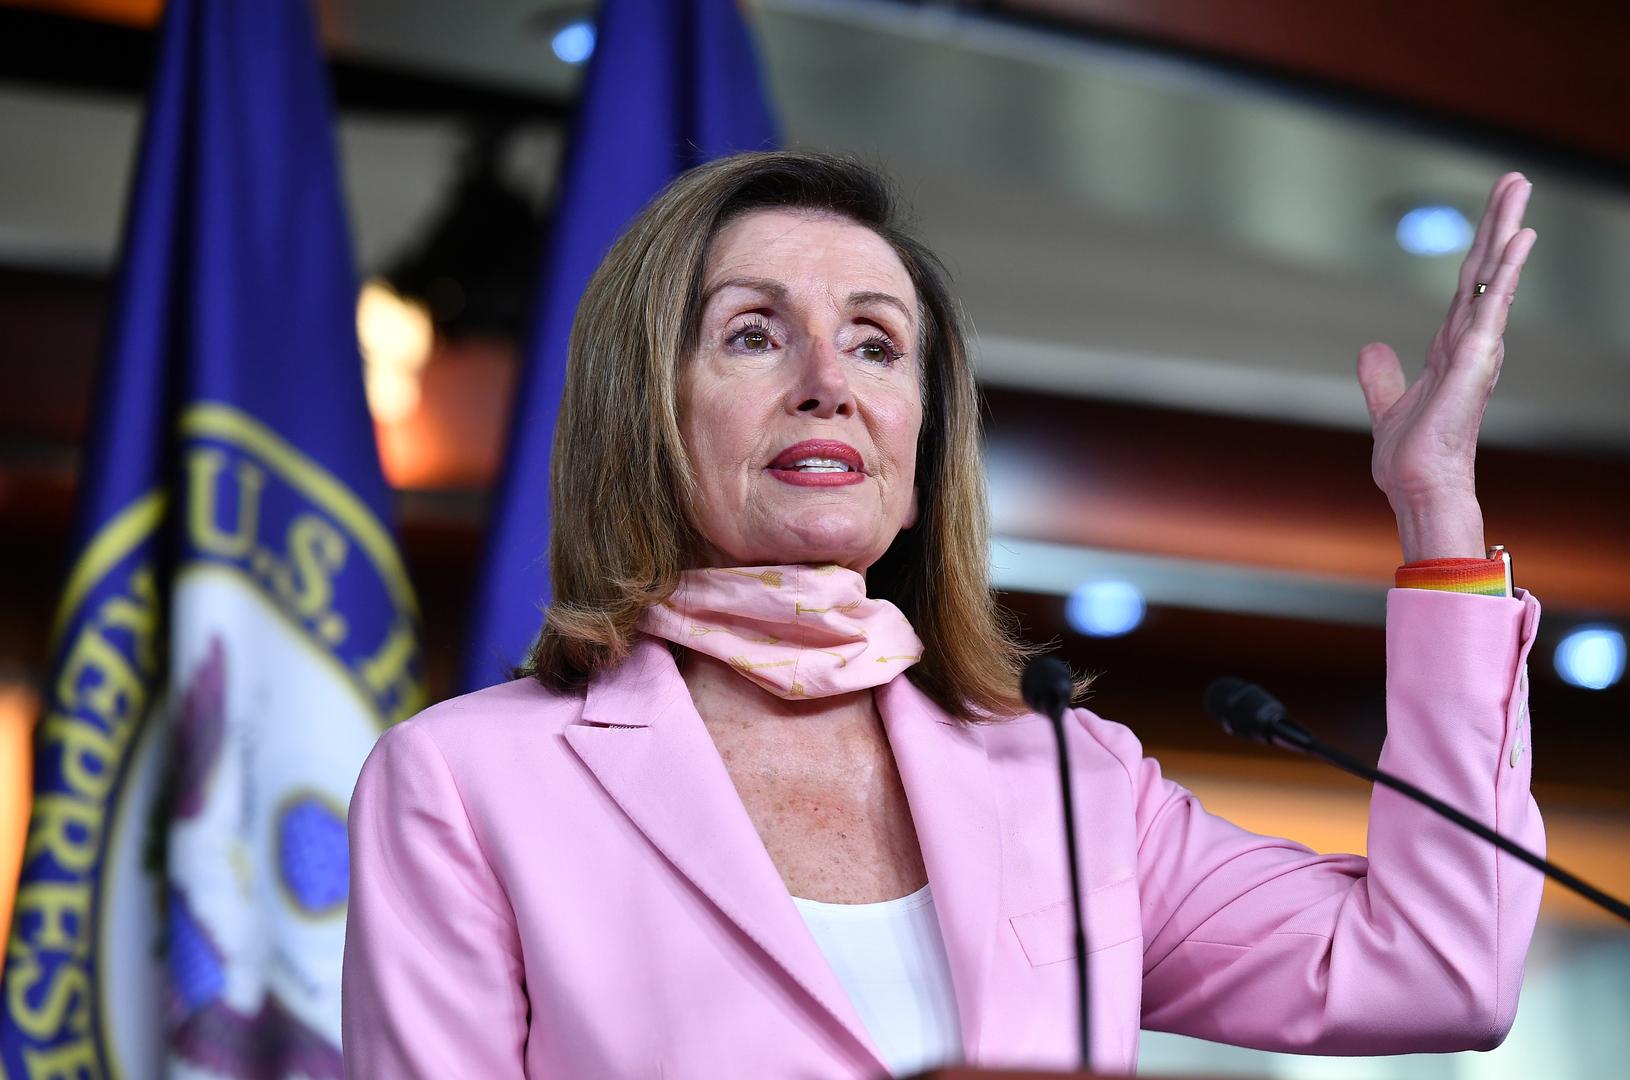 الديمقراطيون في مجلس النواب ينادون بقاموس رسمي يخلو من تحديد الجنس